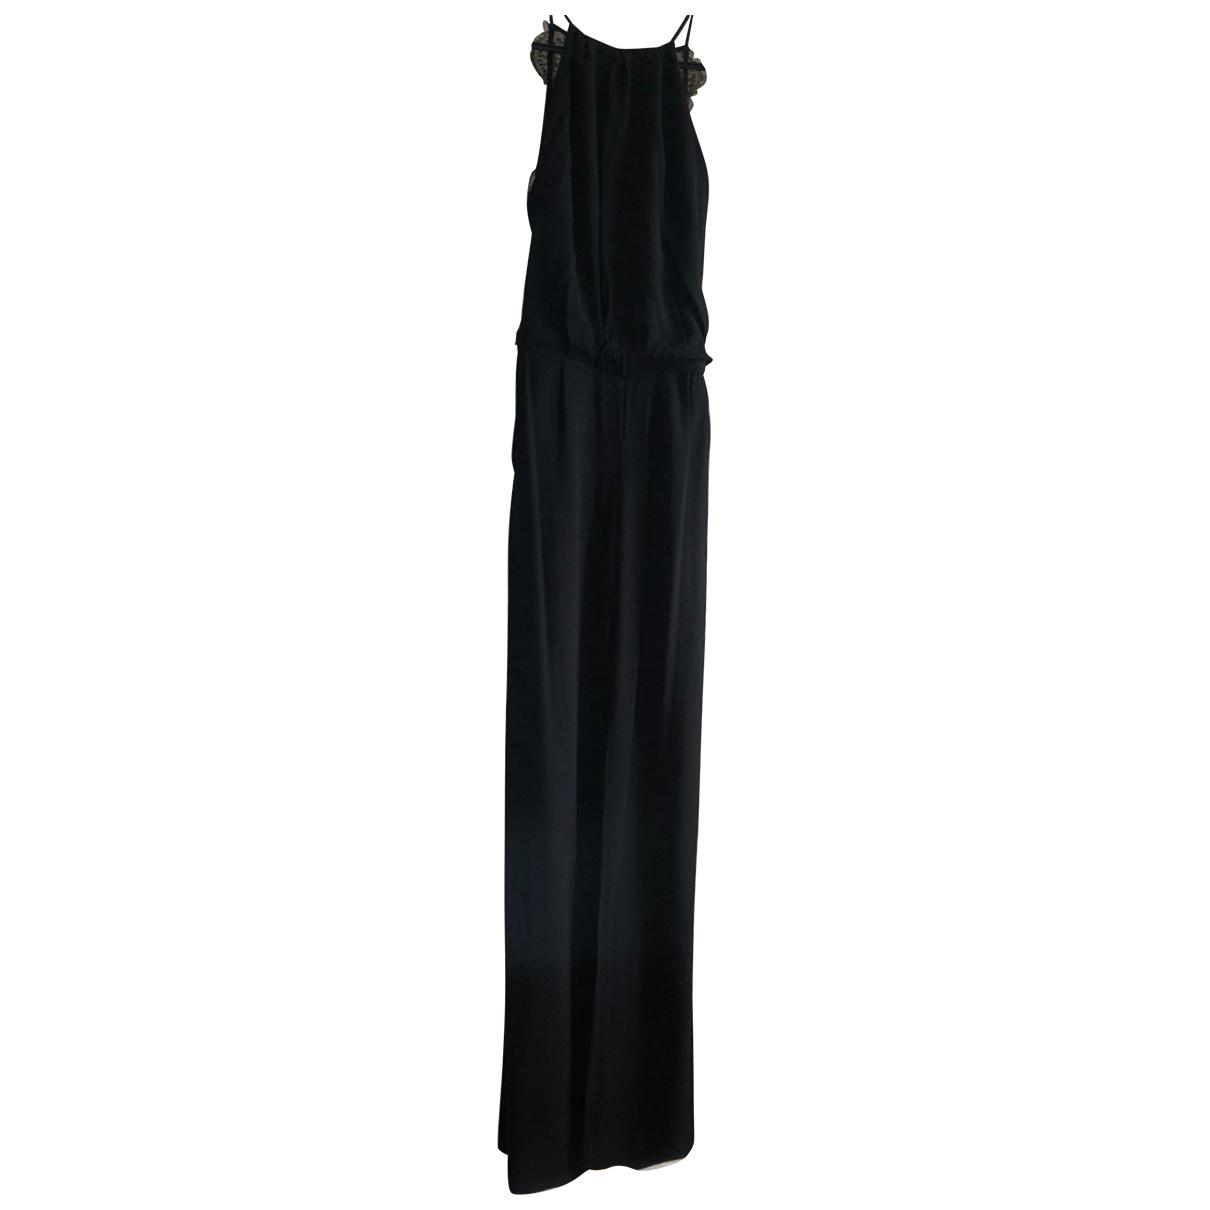 Samsoe & Samsoe \N Kleid in  Schwarz Viskose